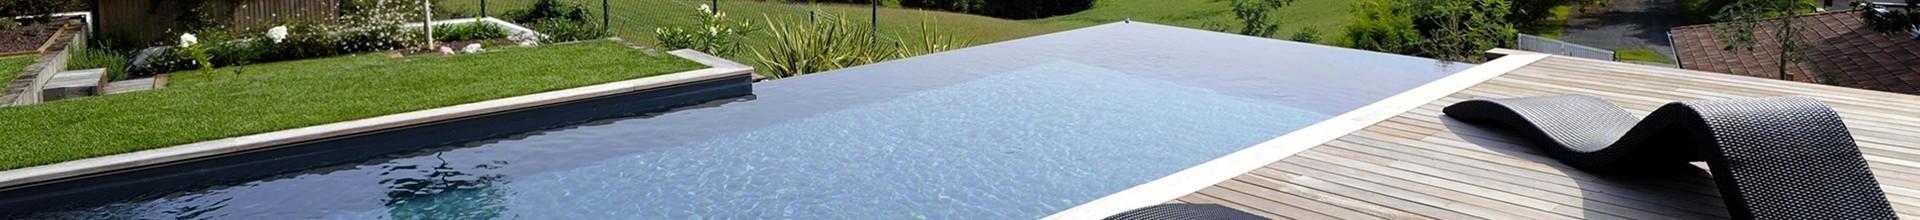 ✅  Auvergne Ain Fabricant d'une piscine révolutionnaire et innovante